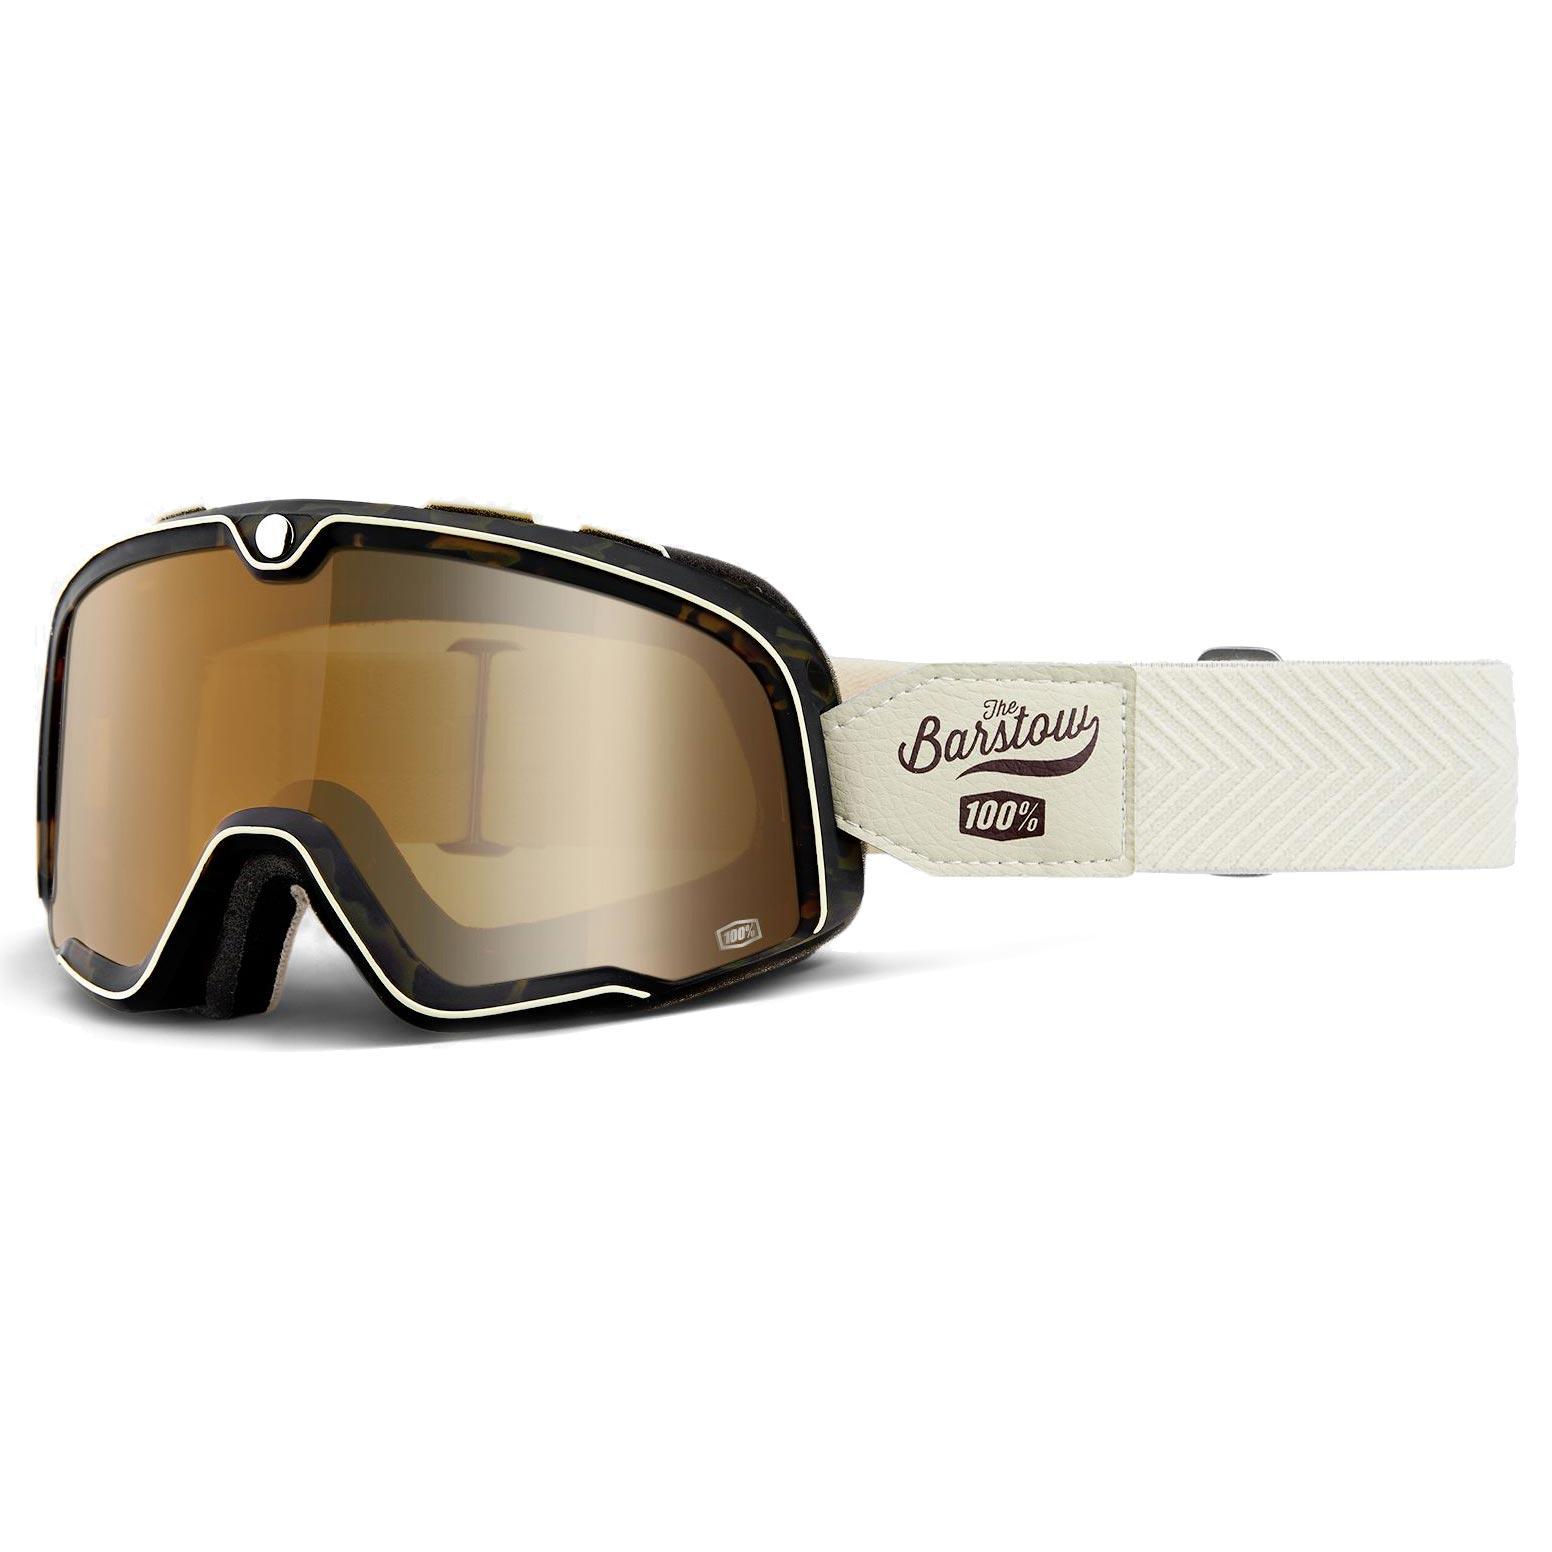 6bea7d475fad15 masque moto 100 barstow louis bronze lens lunettes casque vintage custom